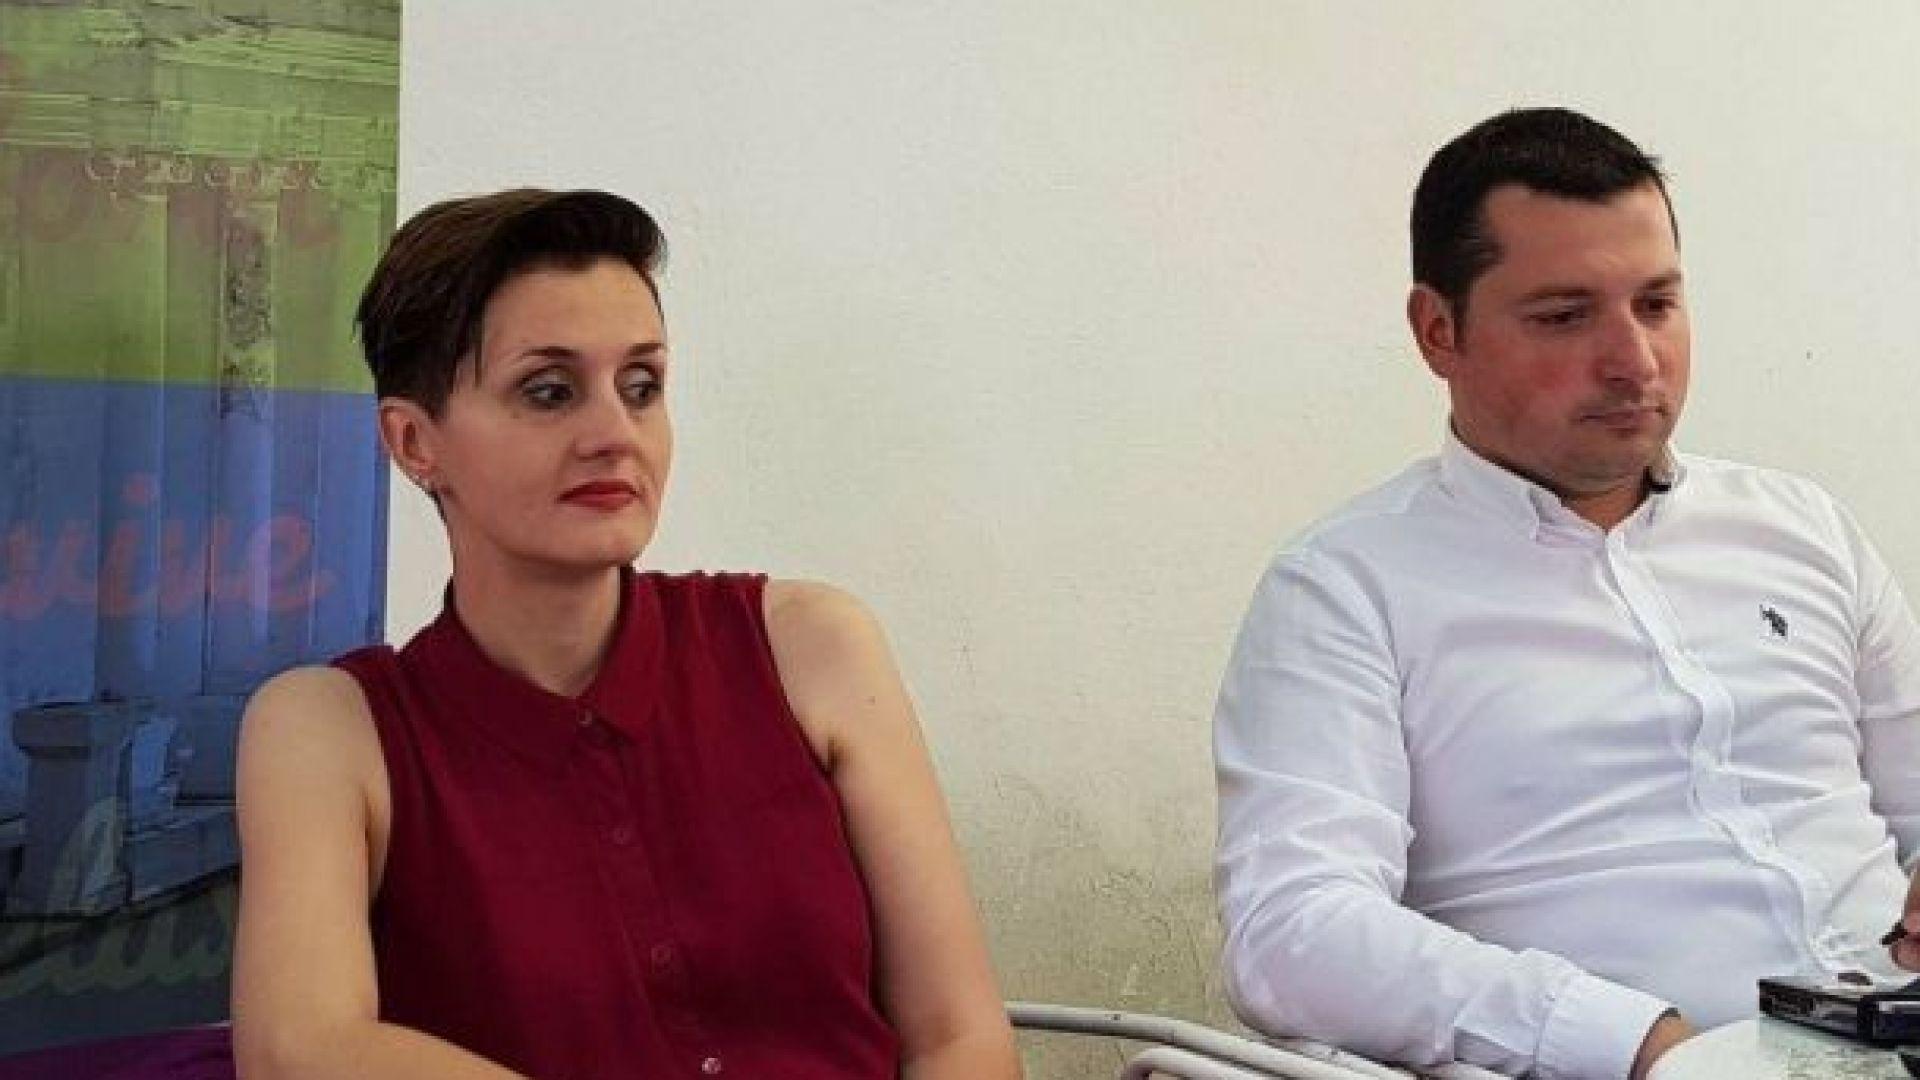 Спорната изложба на гей-паради в Пловдив няма да бъде отменена